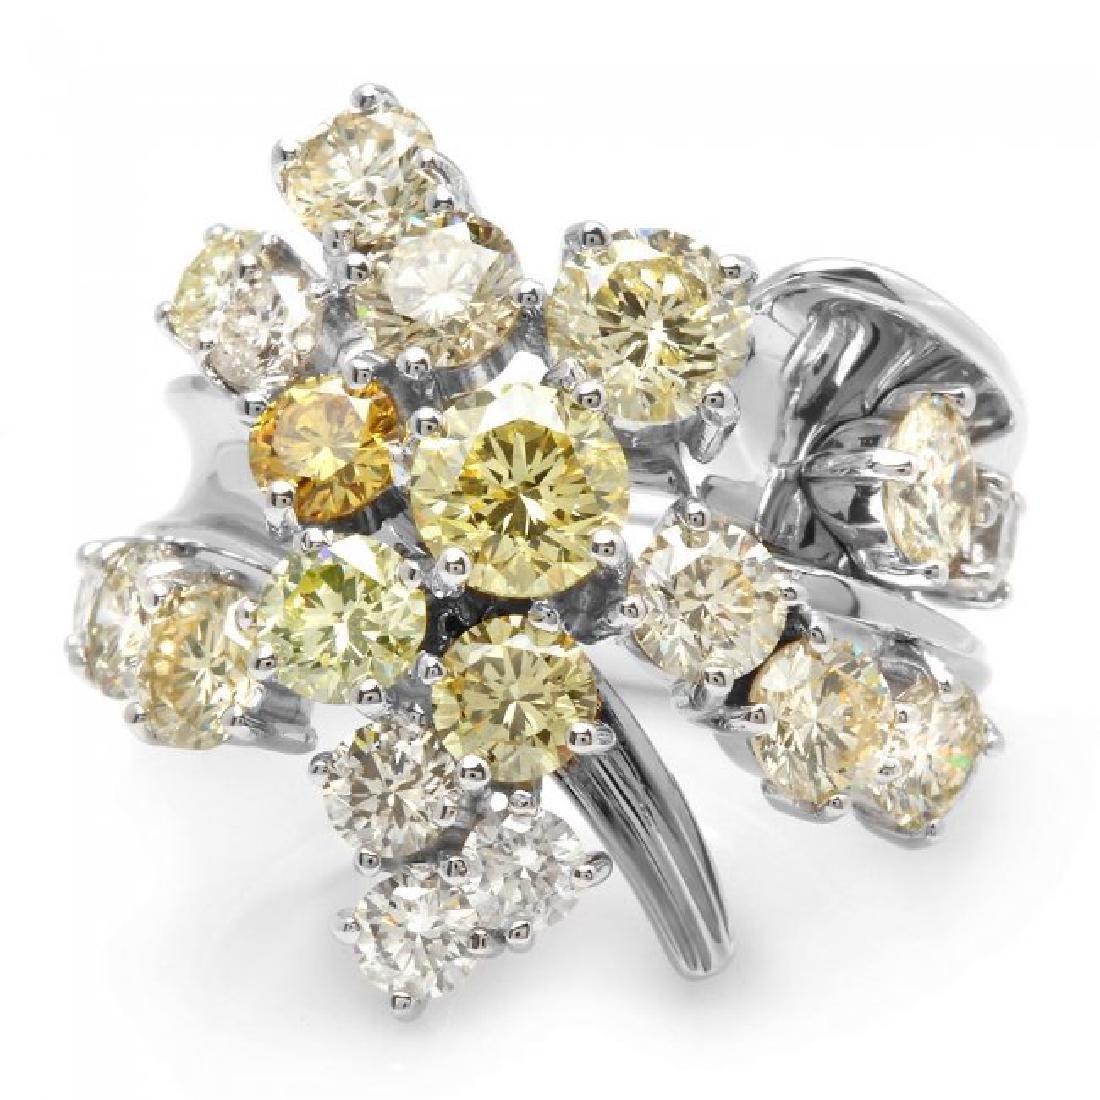 14k White Gold 5.00ct Diamond Ring - 2